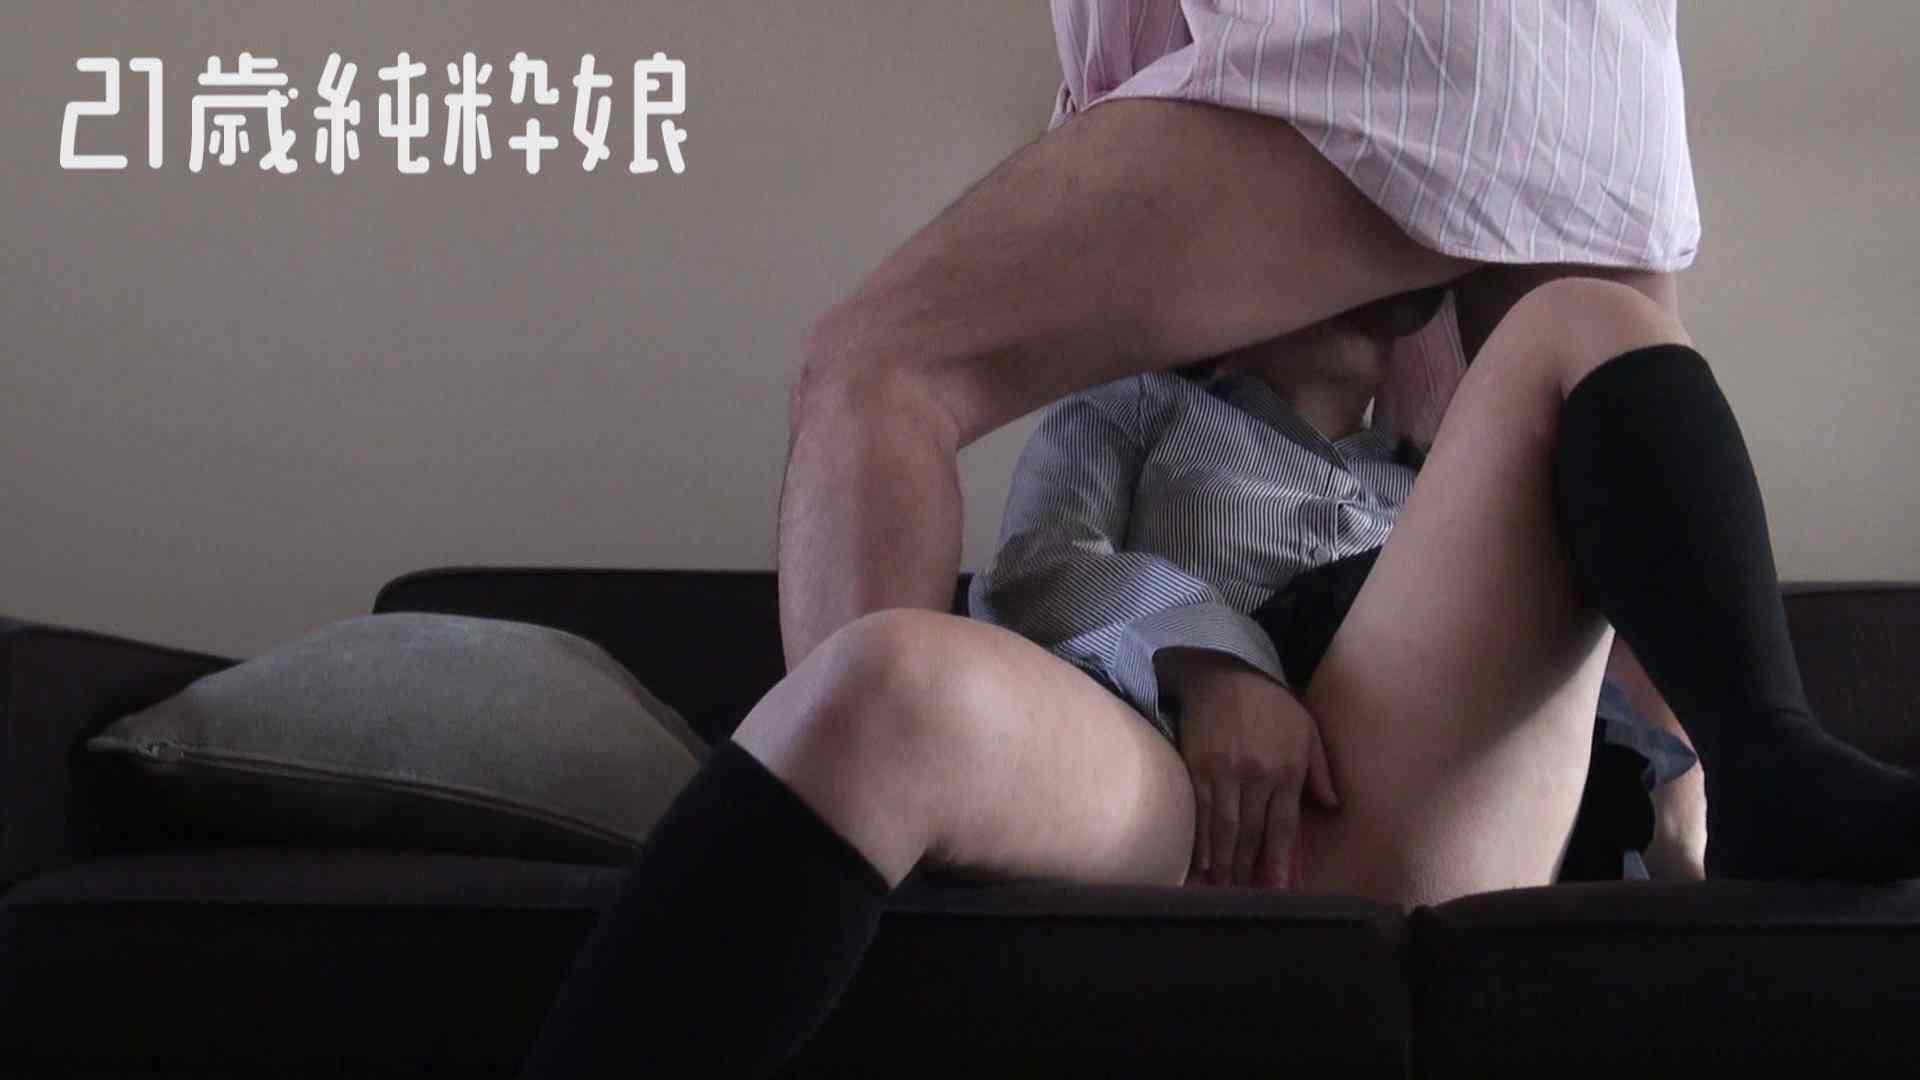 上京したばかりのGカップ21歳純粋嬢を都合の良い女にしてみた3 オナニー集   一般投稿  95pic 11